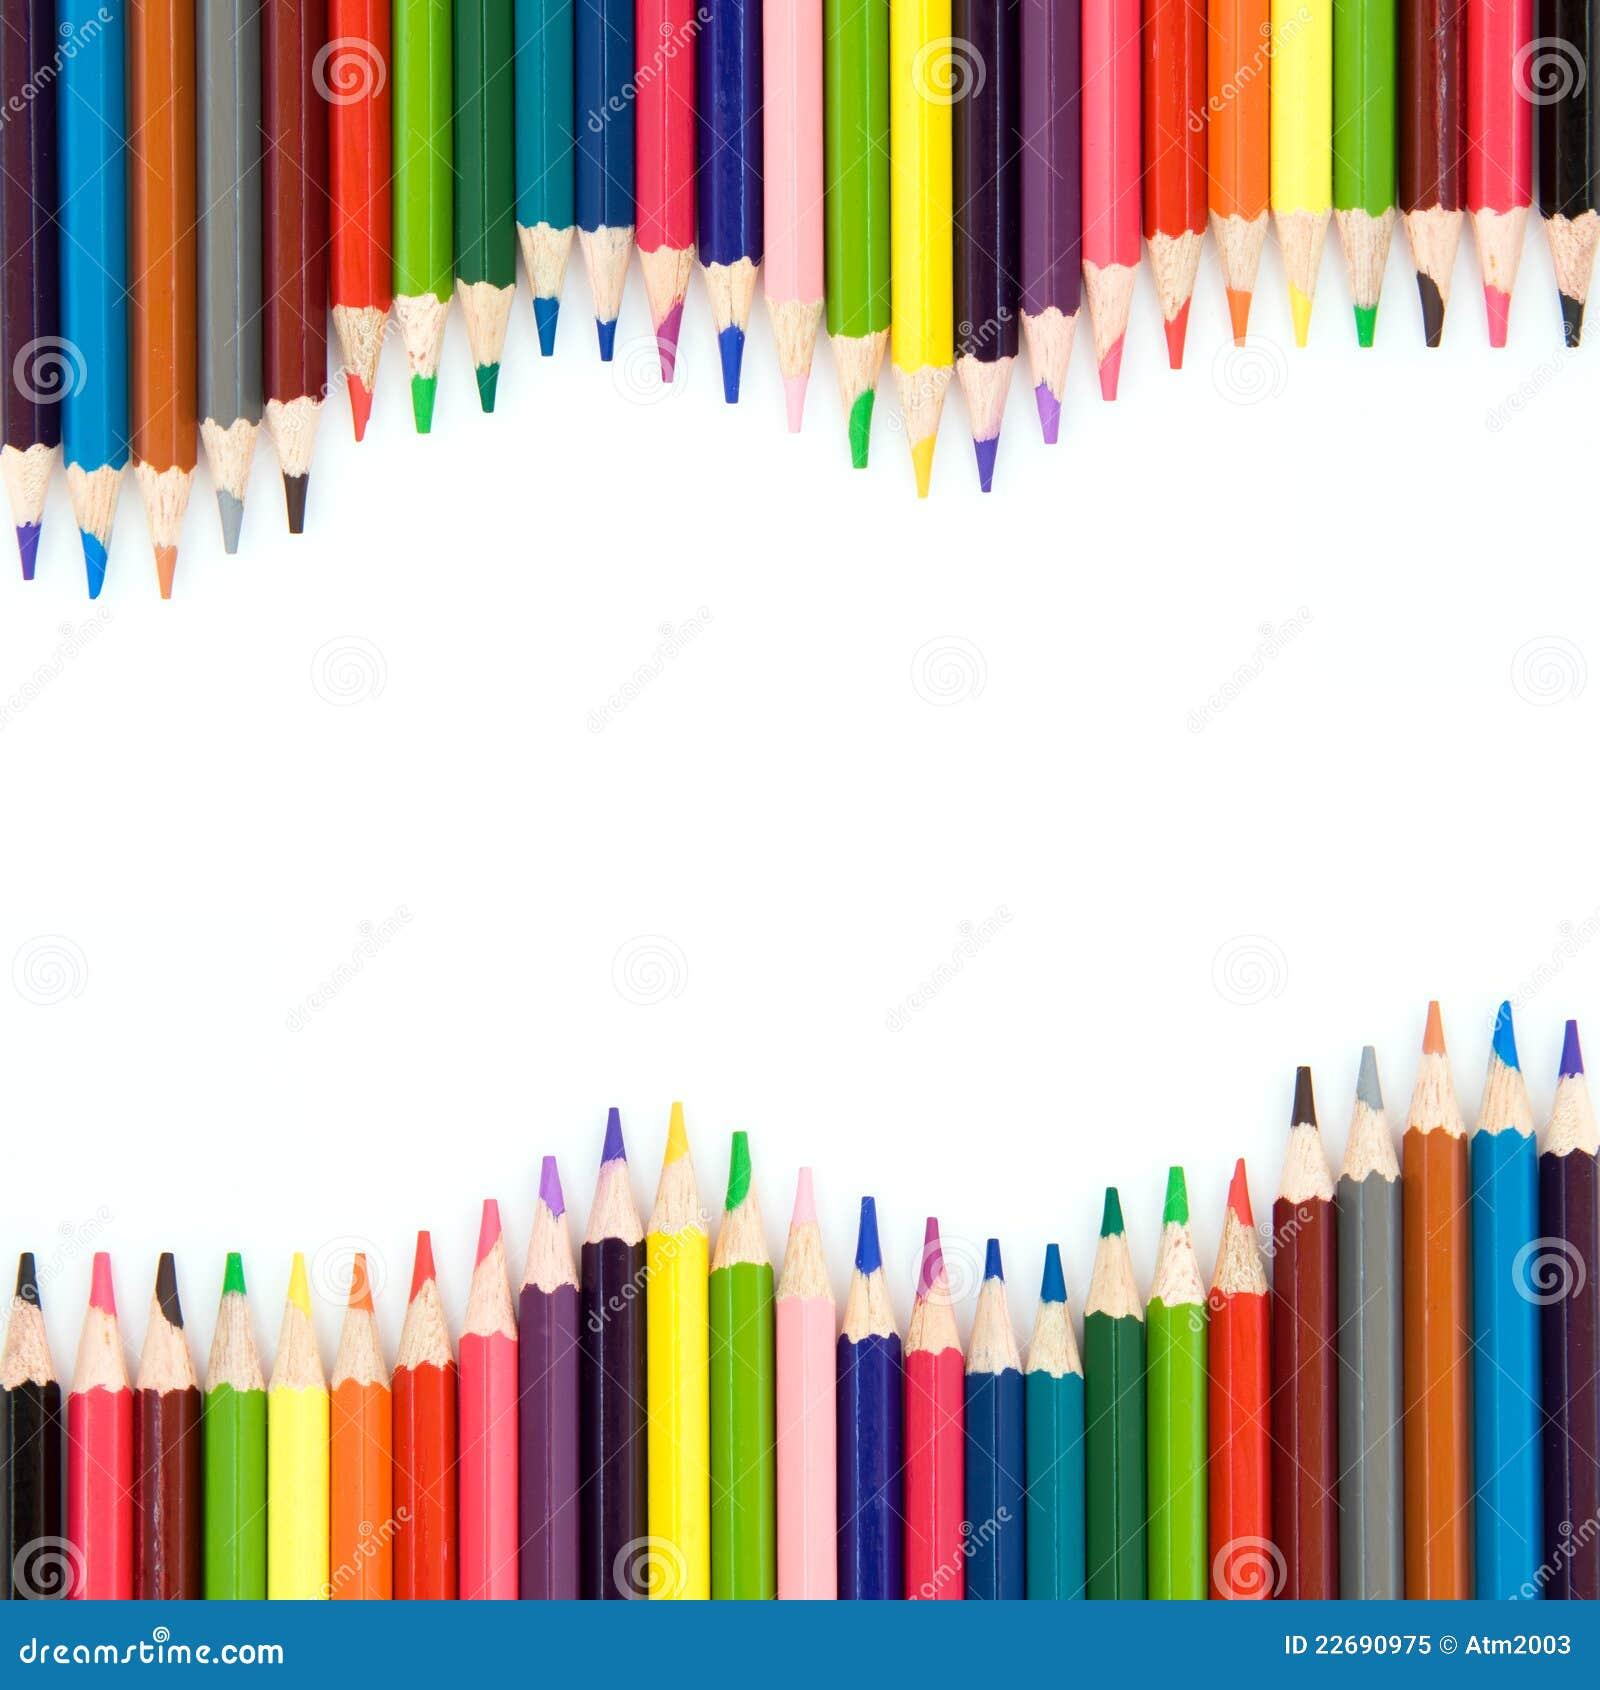 fond avec des crayons de couleur image stock image du panneau ducation 22690975. Black Bedroom Furniture Sets. Home Design Ideas